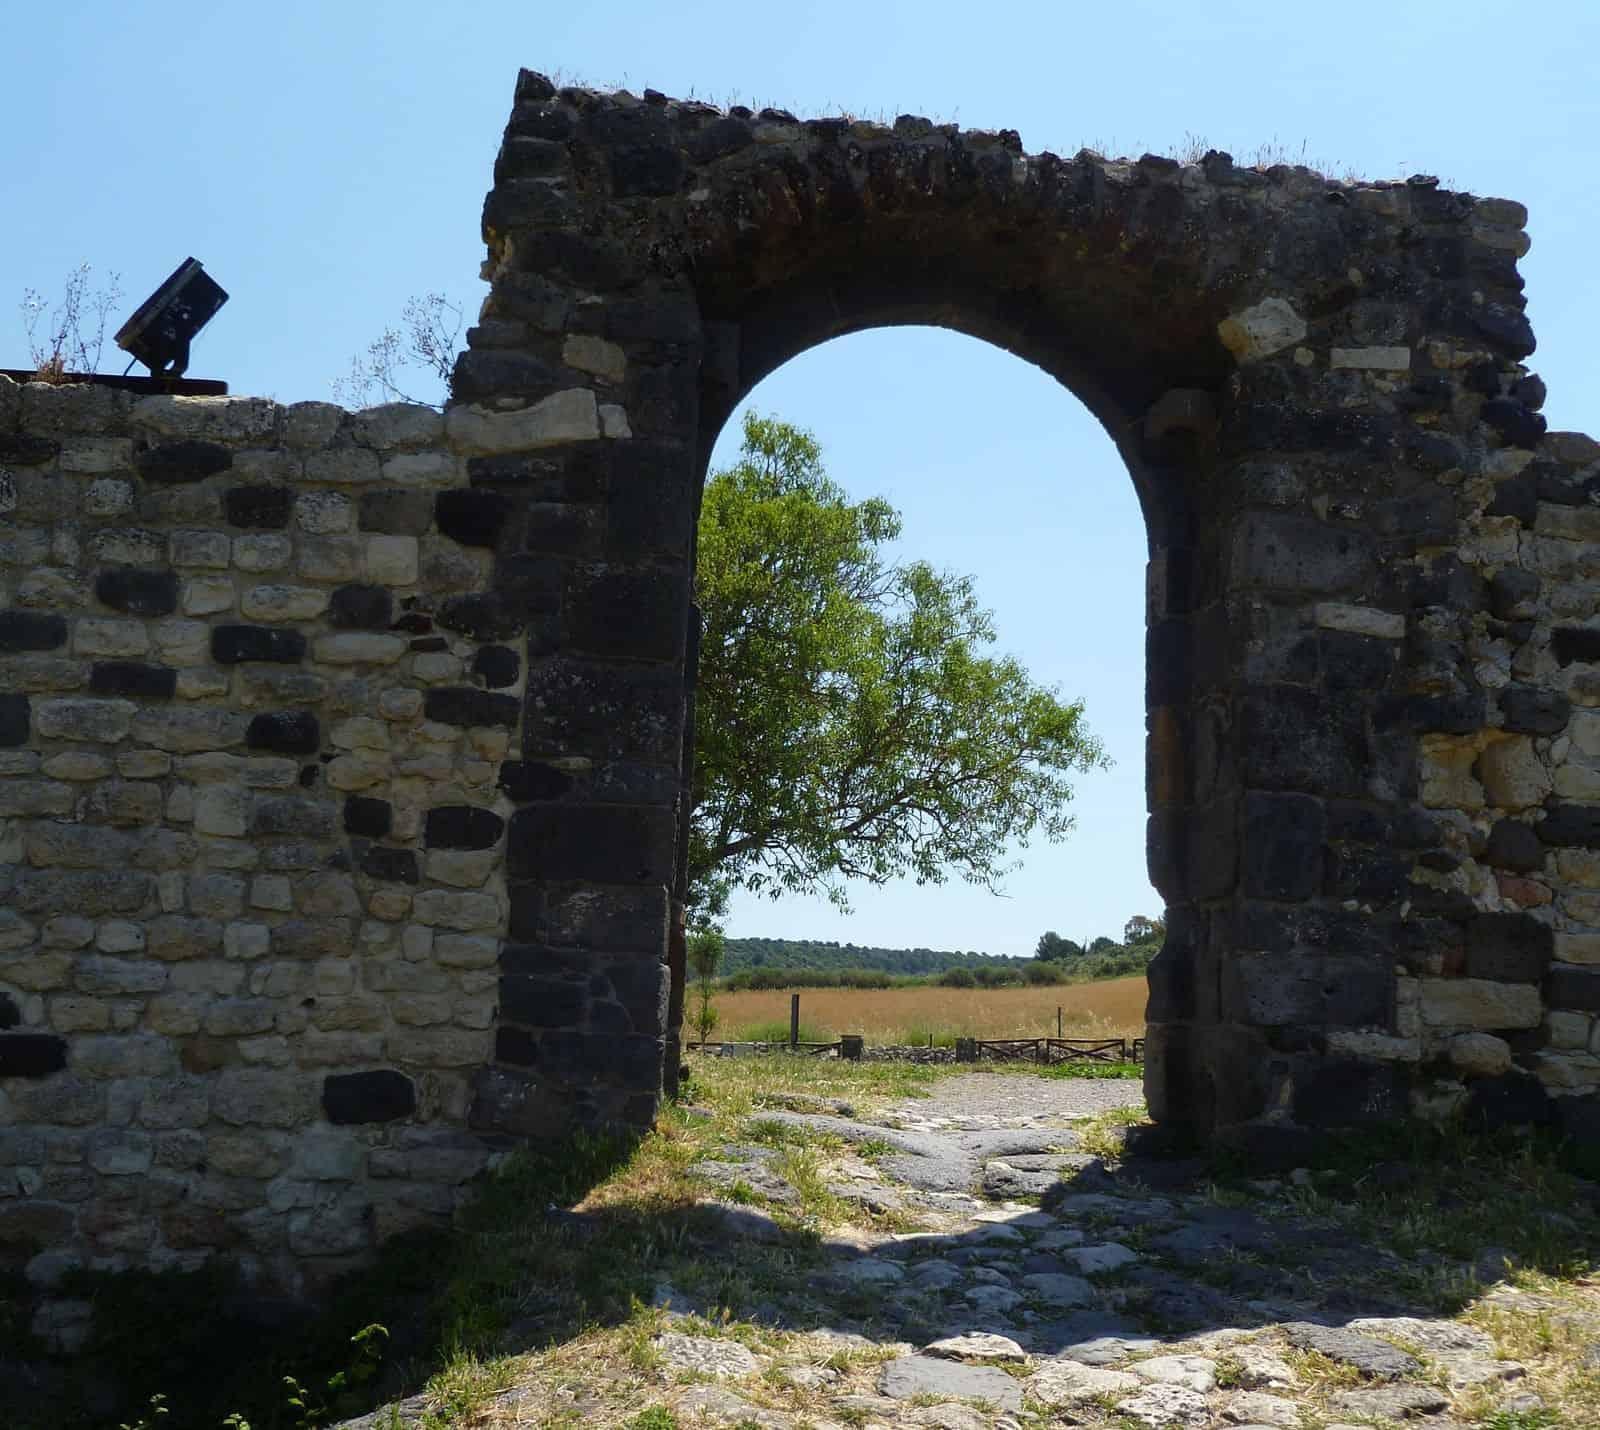 basilica_saccargia_sassari_sardegna_storia